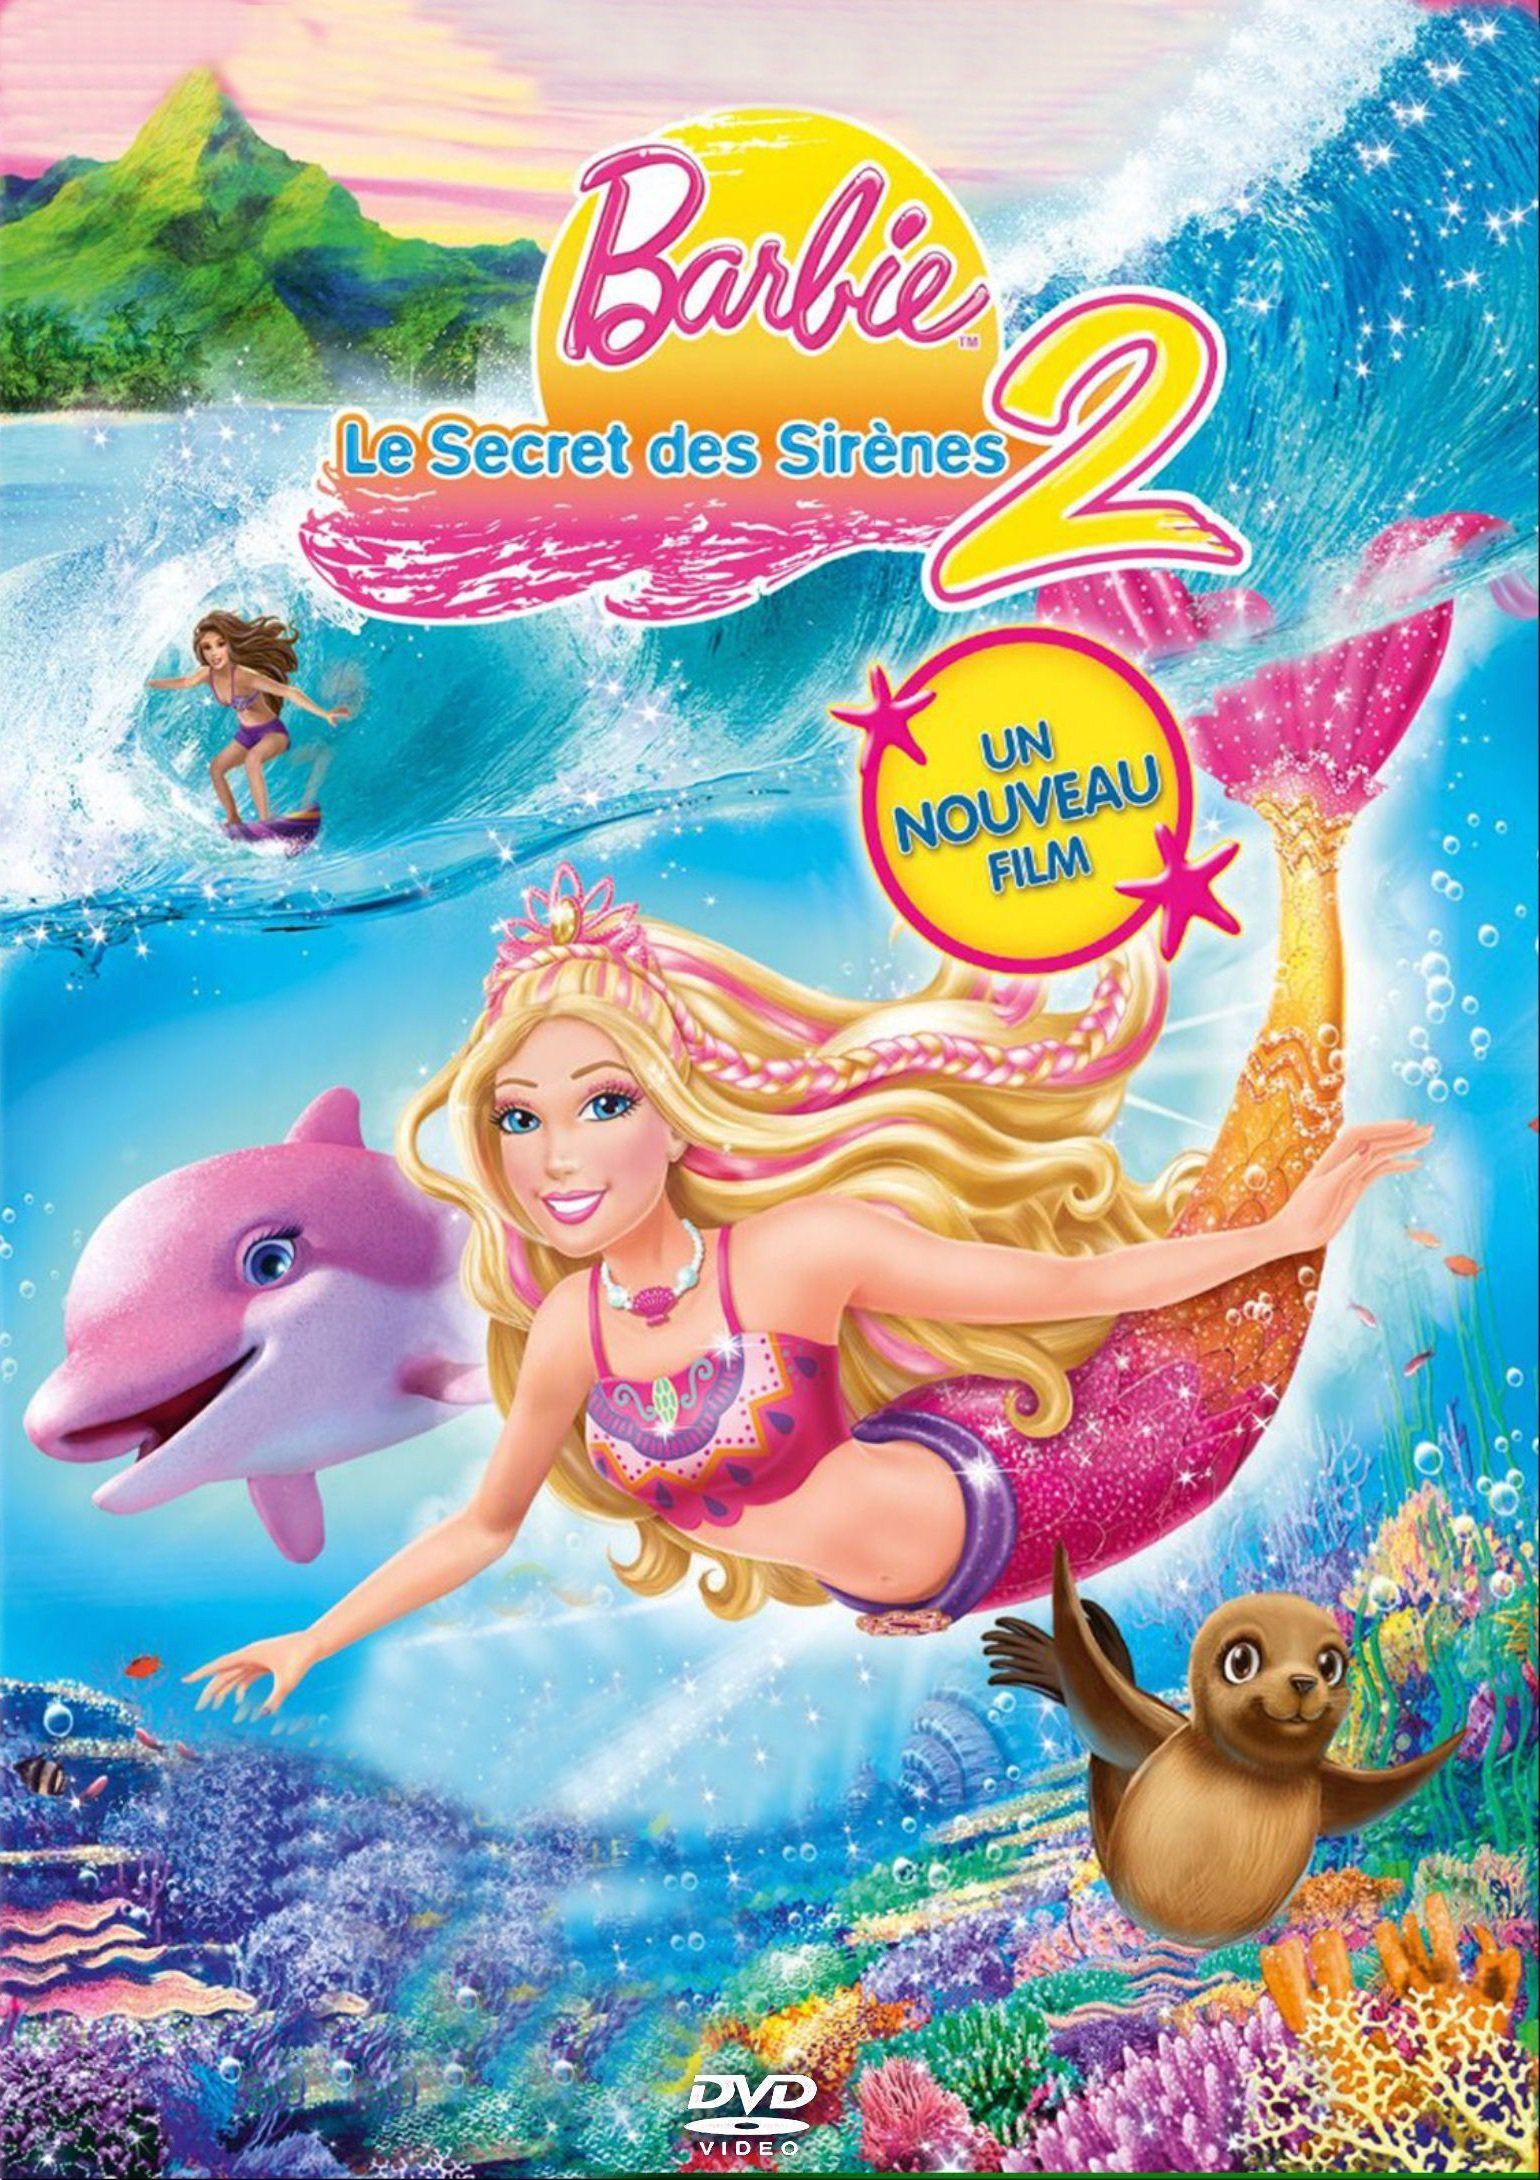 Barbie et le Secret des sirènes 2 - Long-métrage d'animation (2012)